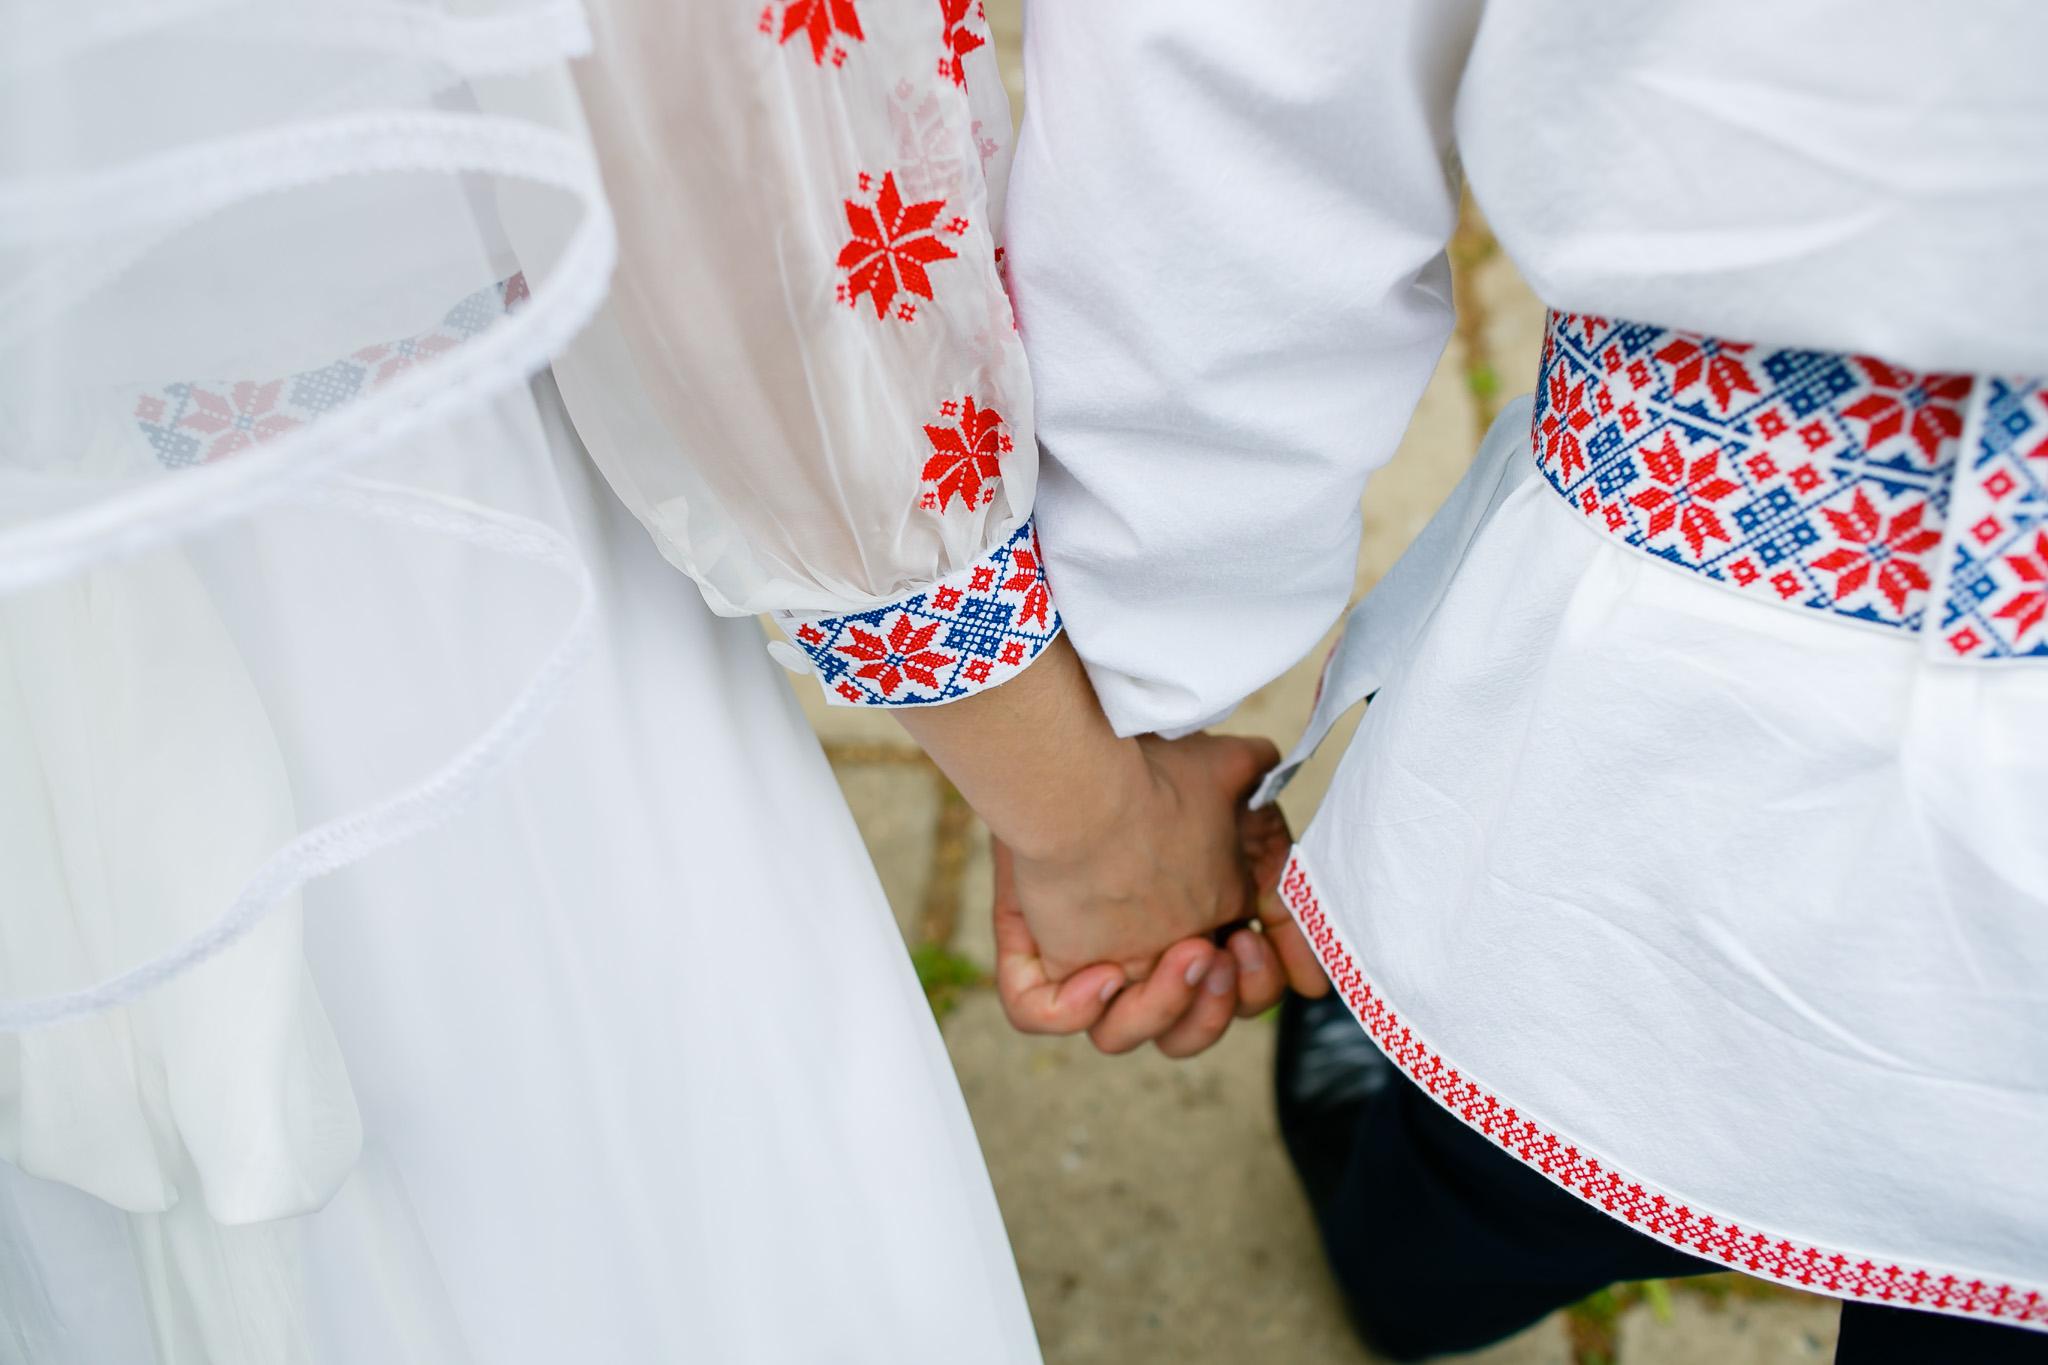 Nuntă tradițională Elisabeta și Alexandru fotograf profesionist nunta Iasi www.paulpadurariu.ro © 2018 Paul Padurariu fotograf de nunta Iasi sedinta foto miri 6